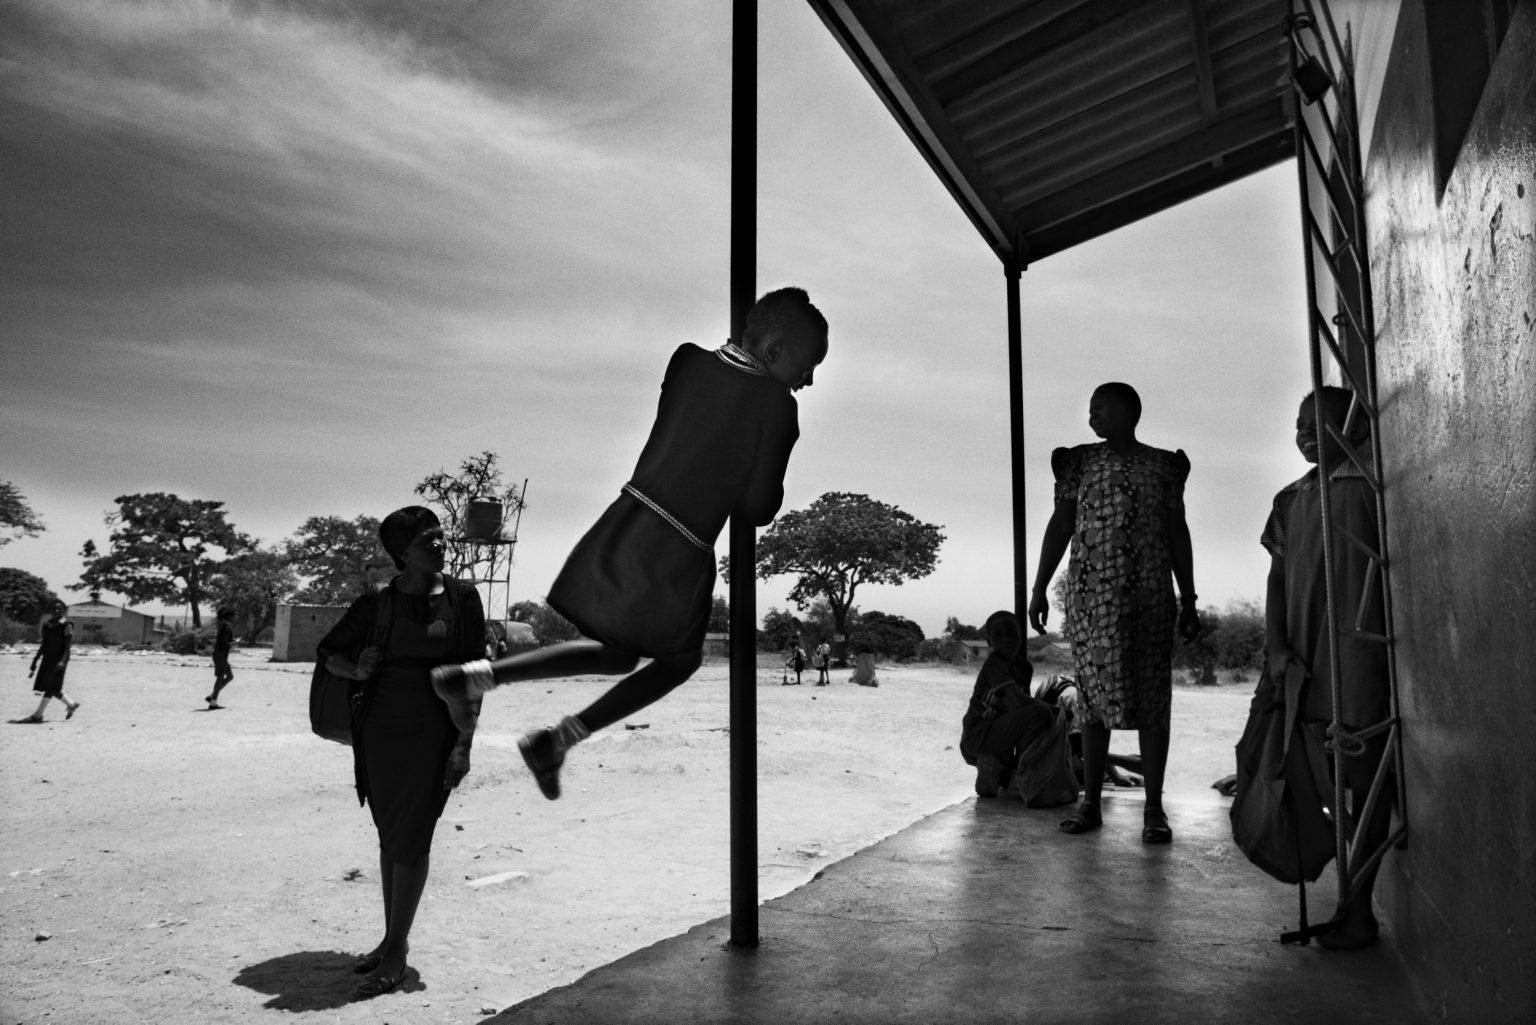 studenti della Tubalange school, una scuola in campagna alla periferia ovest di Lusaka